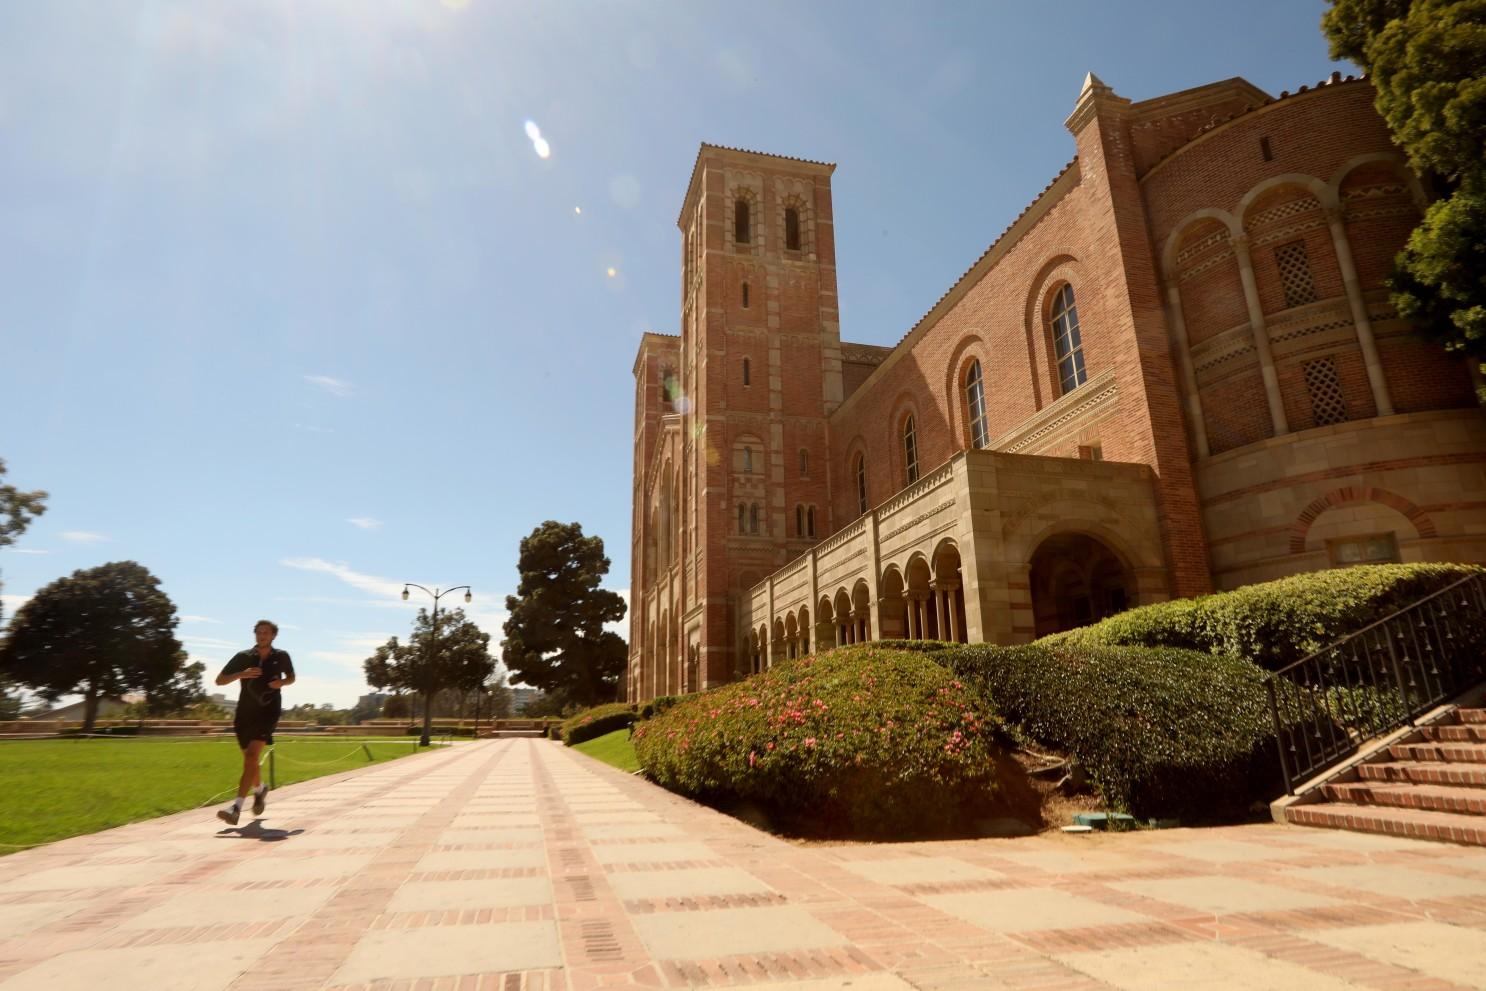 UCLA明年春季期将持续线上教学